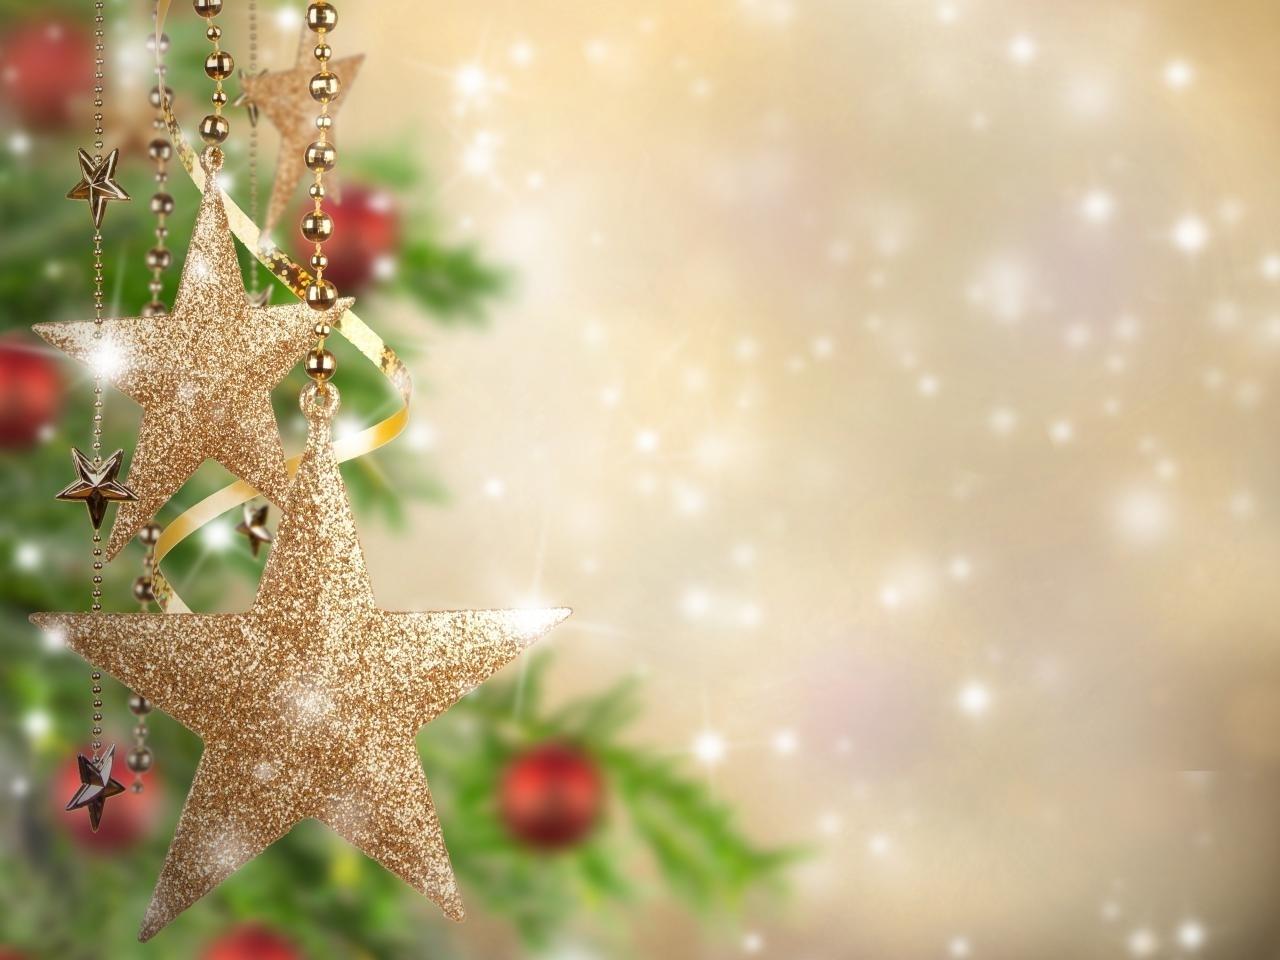 Immagini natalizie sfondi desktop natalizi for Natale immagini per desktop